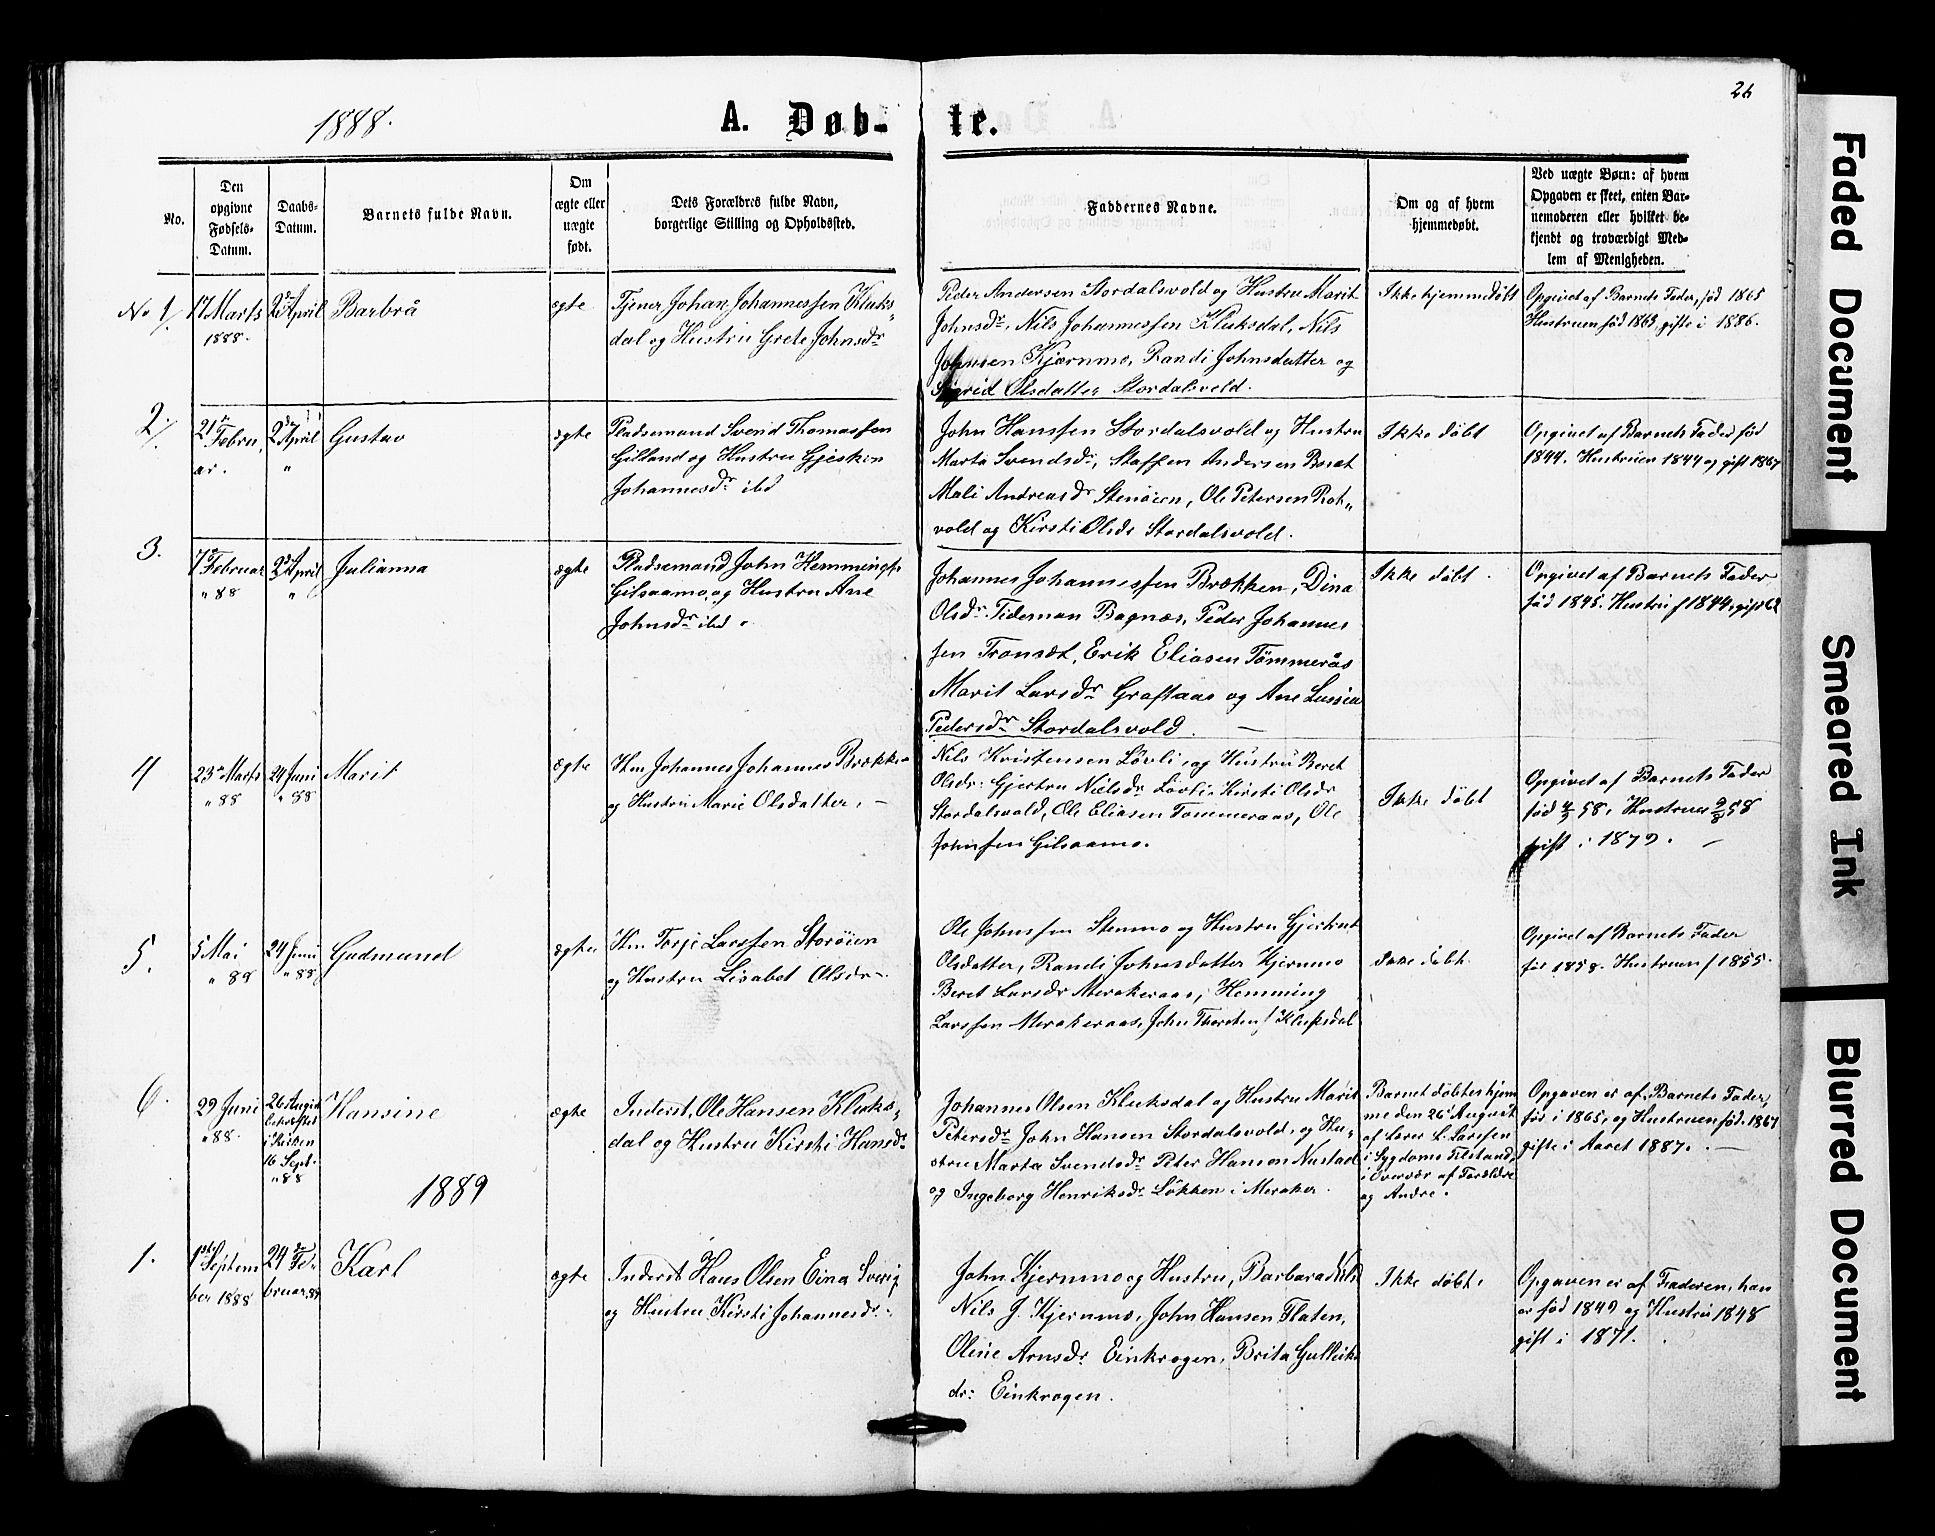 SAT, Ministerialprotokoller, klokkerbøker og fødselsregistre - Nord-Trøndelag, 707/L0052: Klokkerbok nr. 707C01, 1864-1897, s. 26